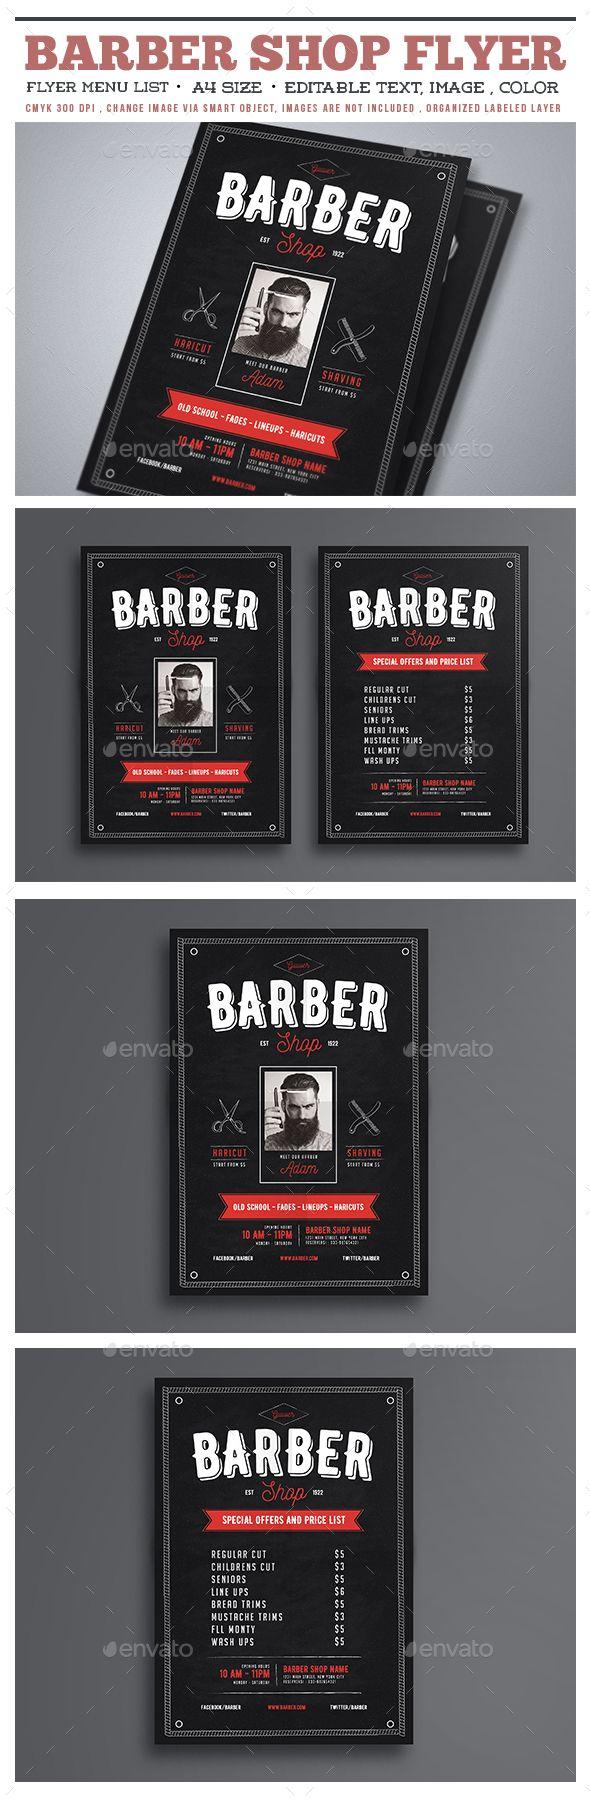 Barber Shop Flyer - Commerce Flyers                                                                                                                                                      More